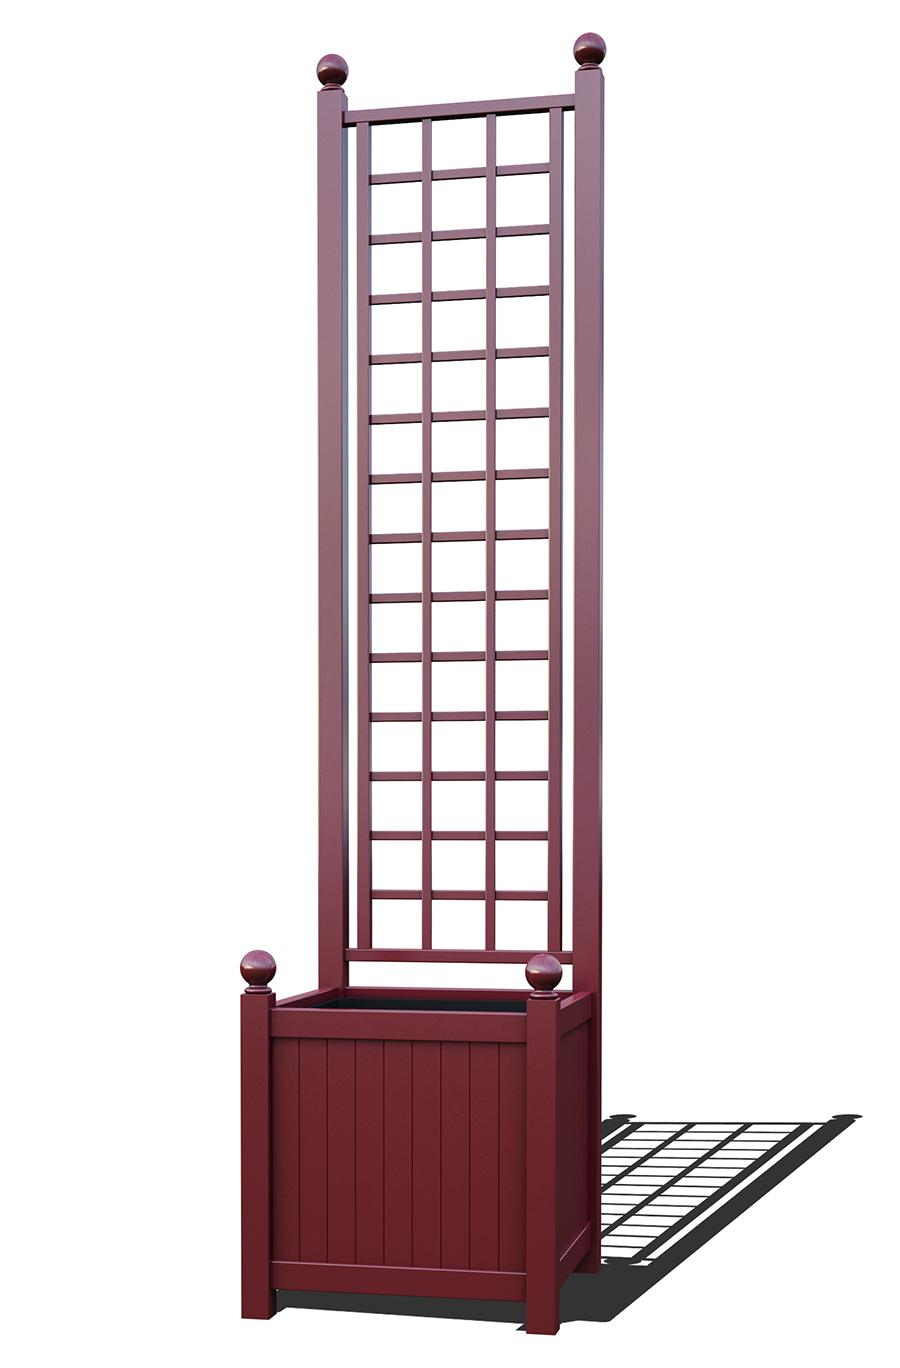 R23-A-SLD-Versailler Pflanzkübel mit Rankgitter in RAL-3005 wine red